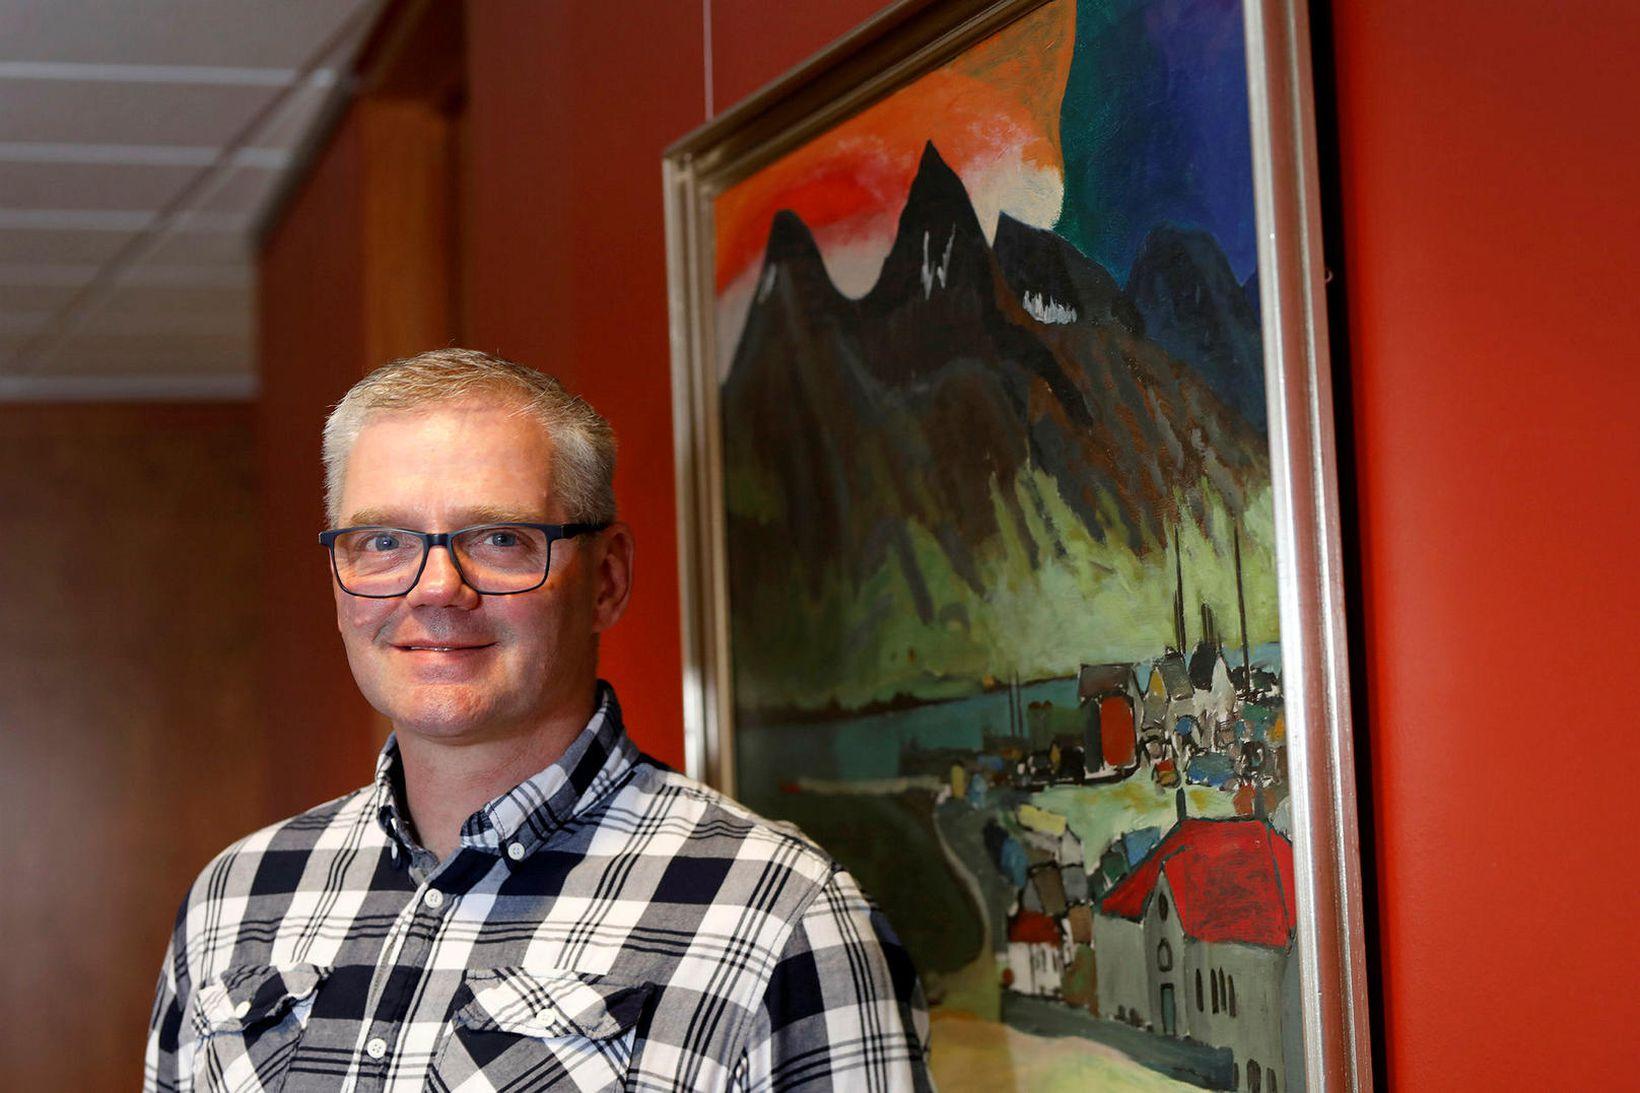 Valmundur Valmundsson formaður Sjómannasamband Íslands.